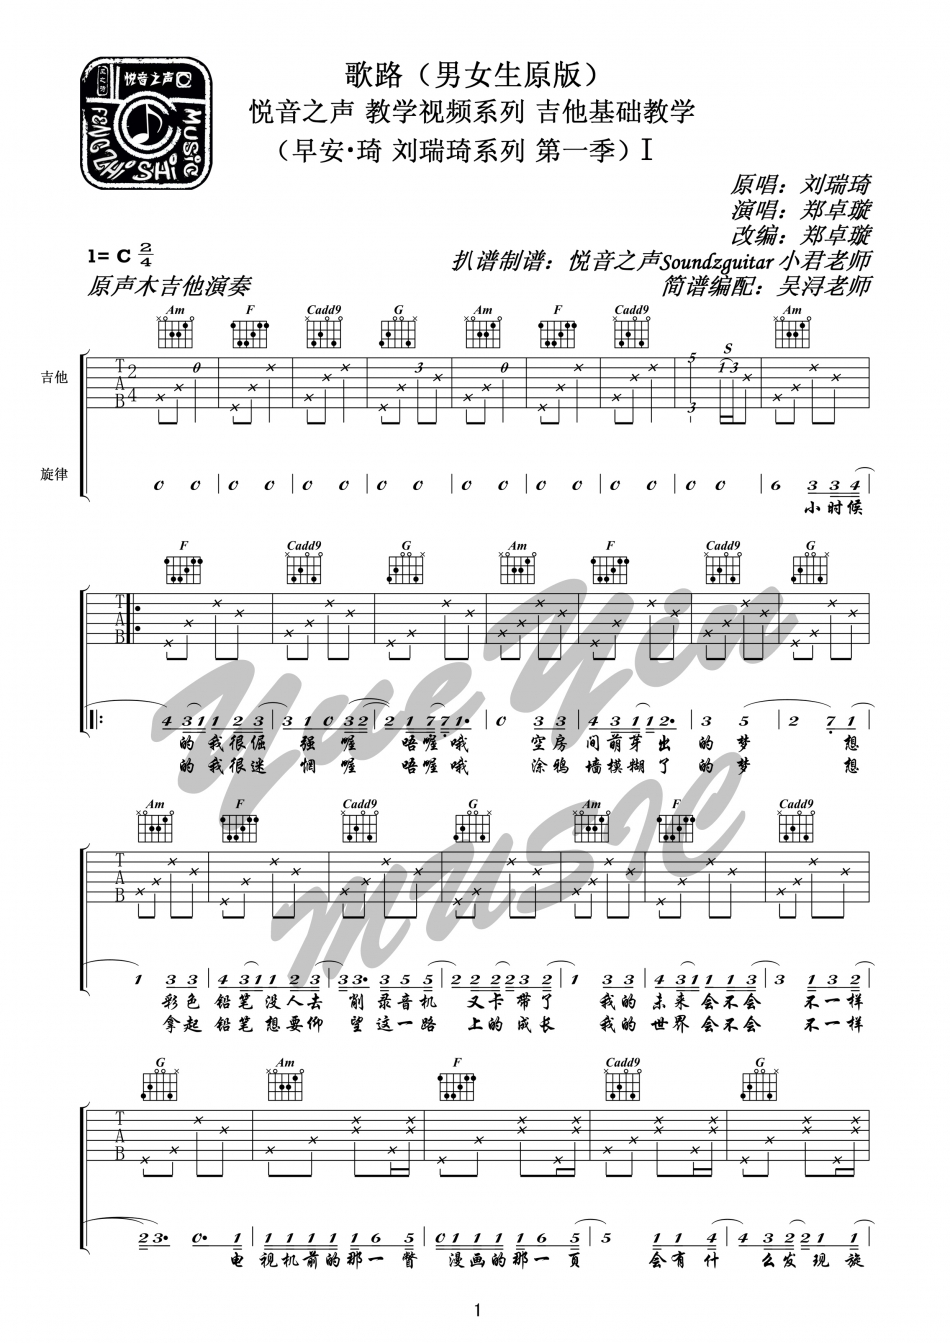 歌路 刘瑞琦 - 吉他谱(悦音之声编配) - 嗨吉他